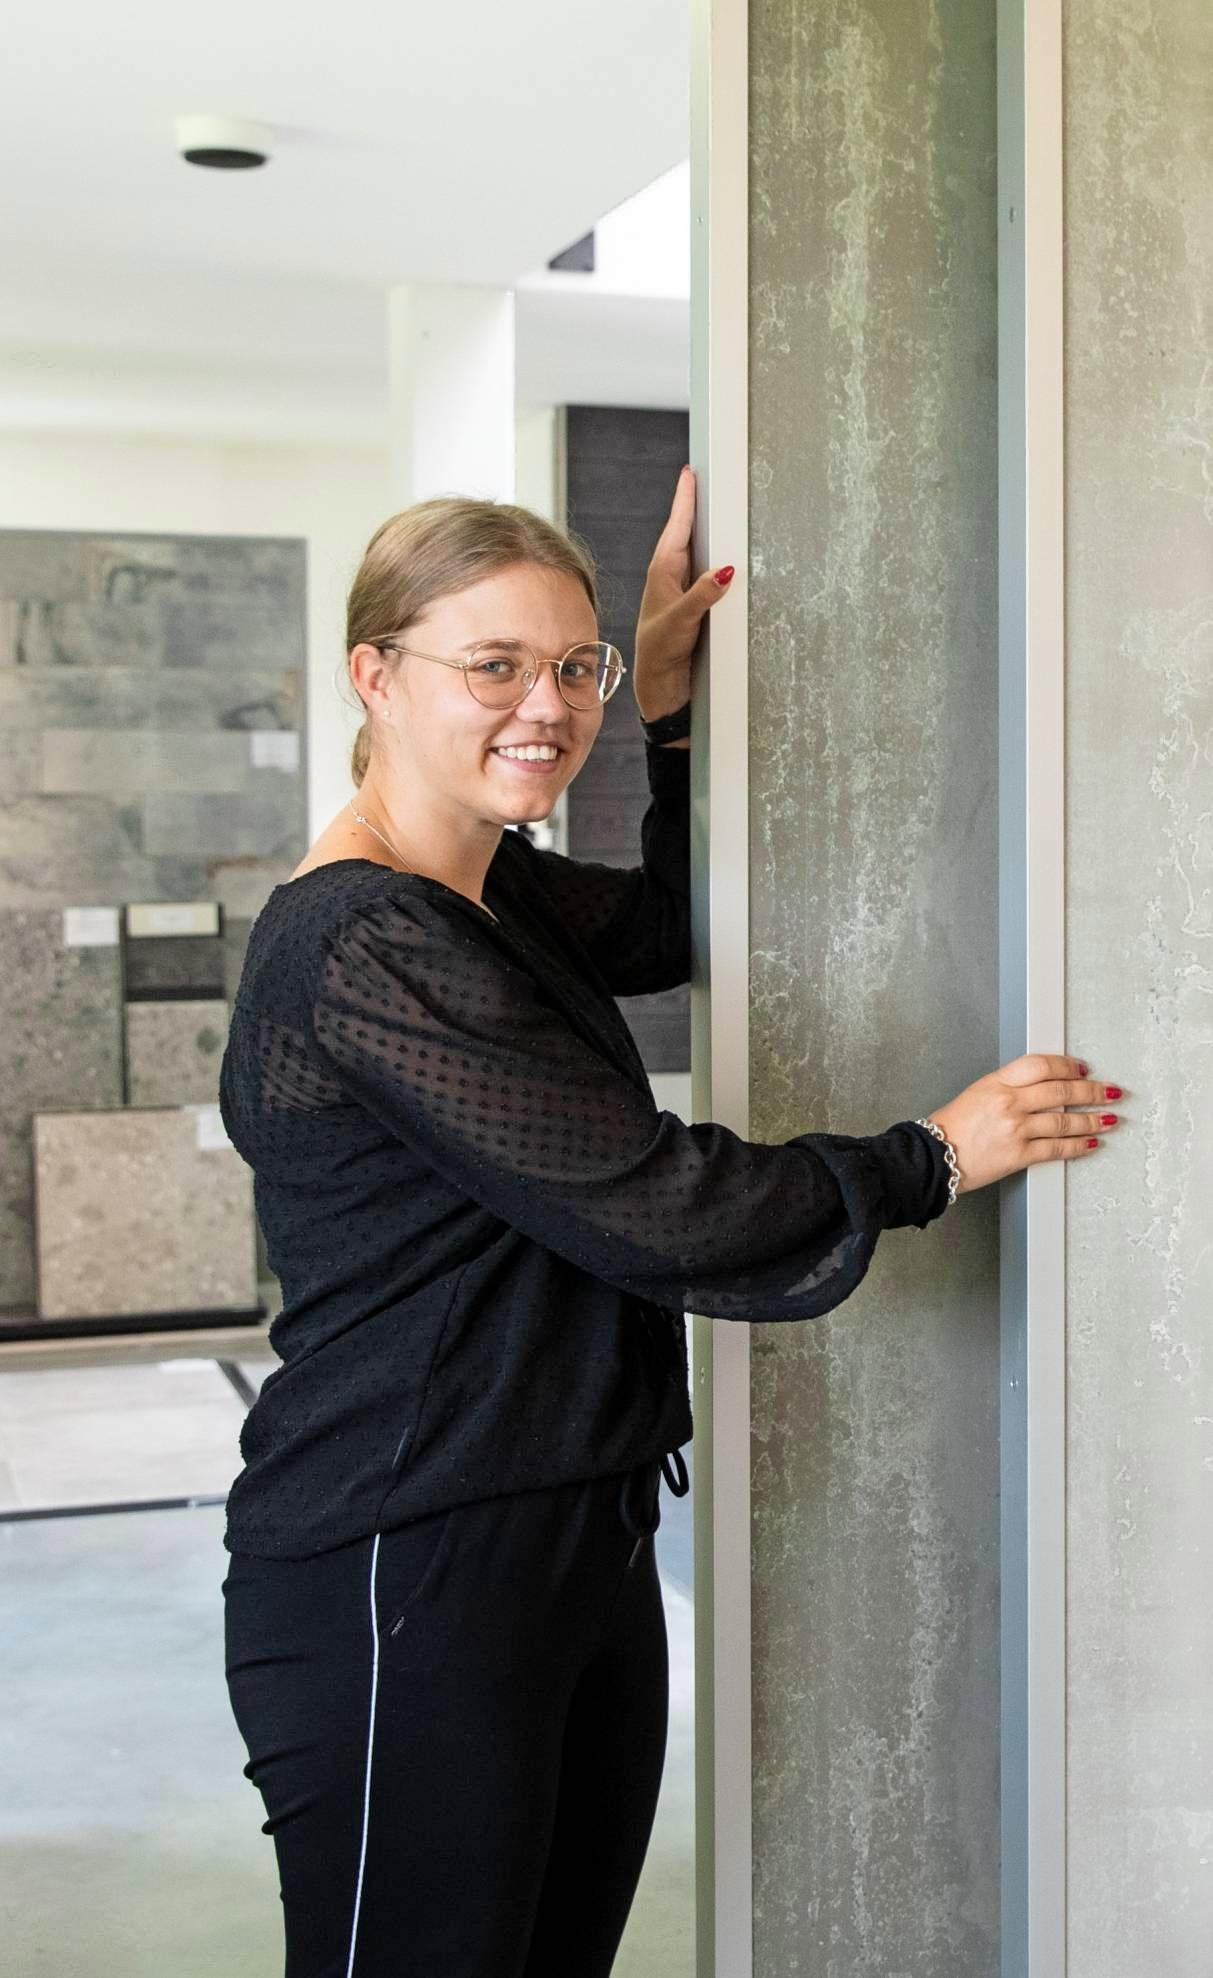 Laura Blümel kennt sich bestens mit den Produkten aus und berät Kunden kompetent.